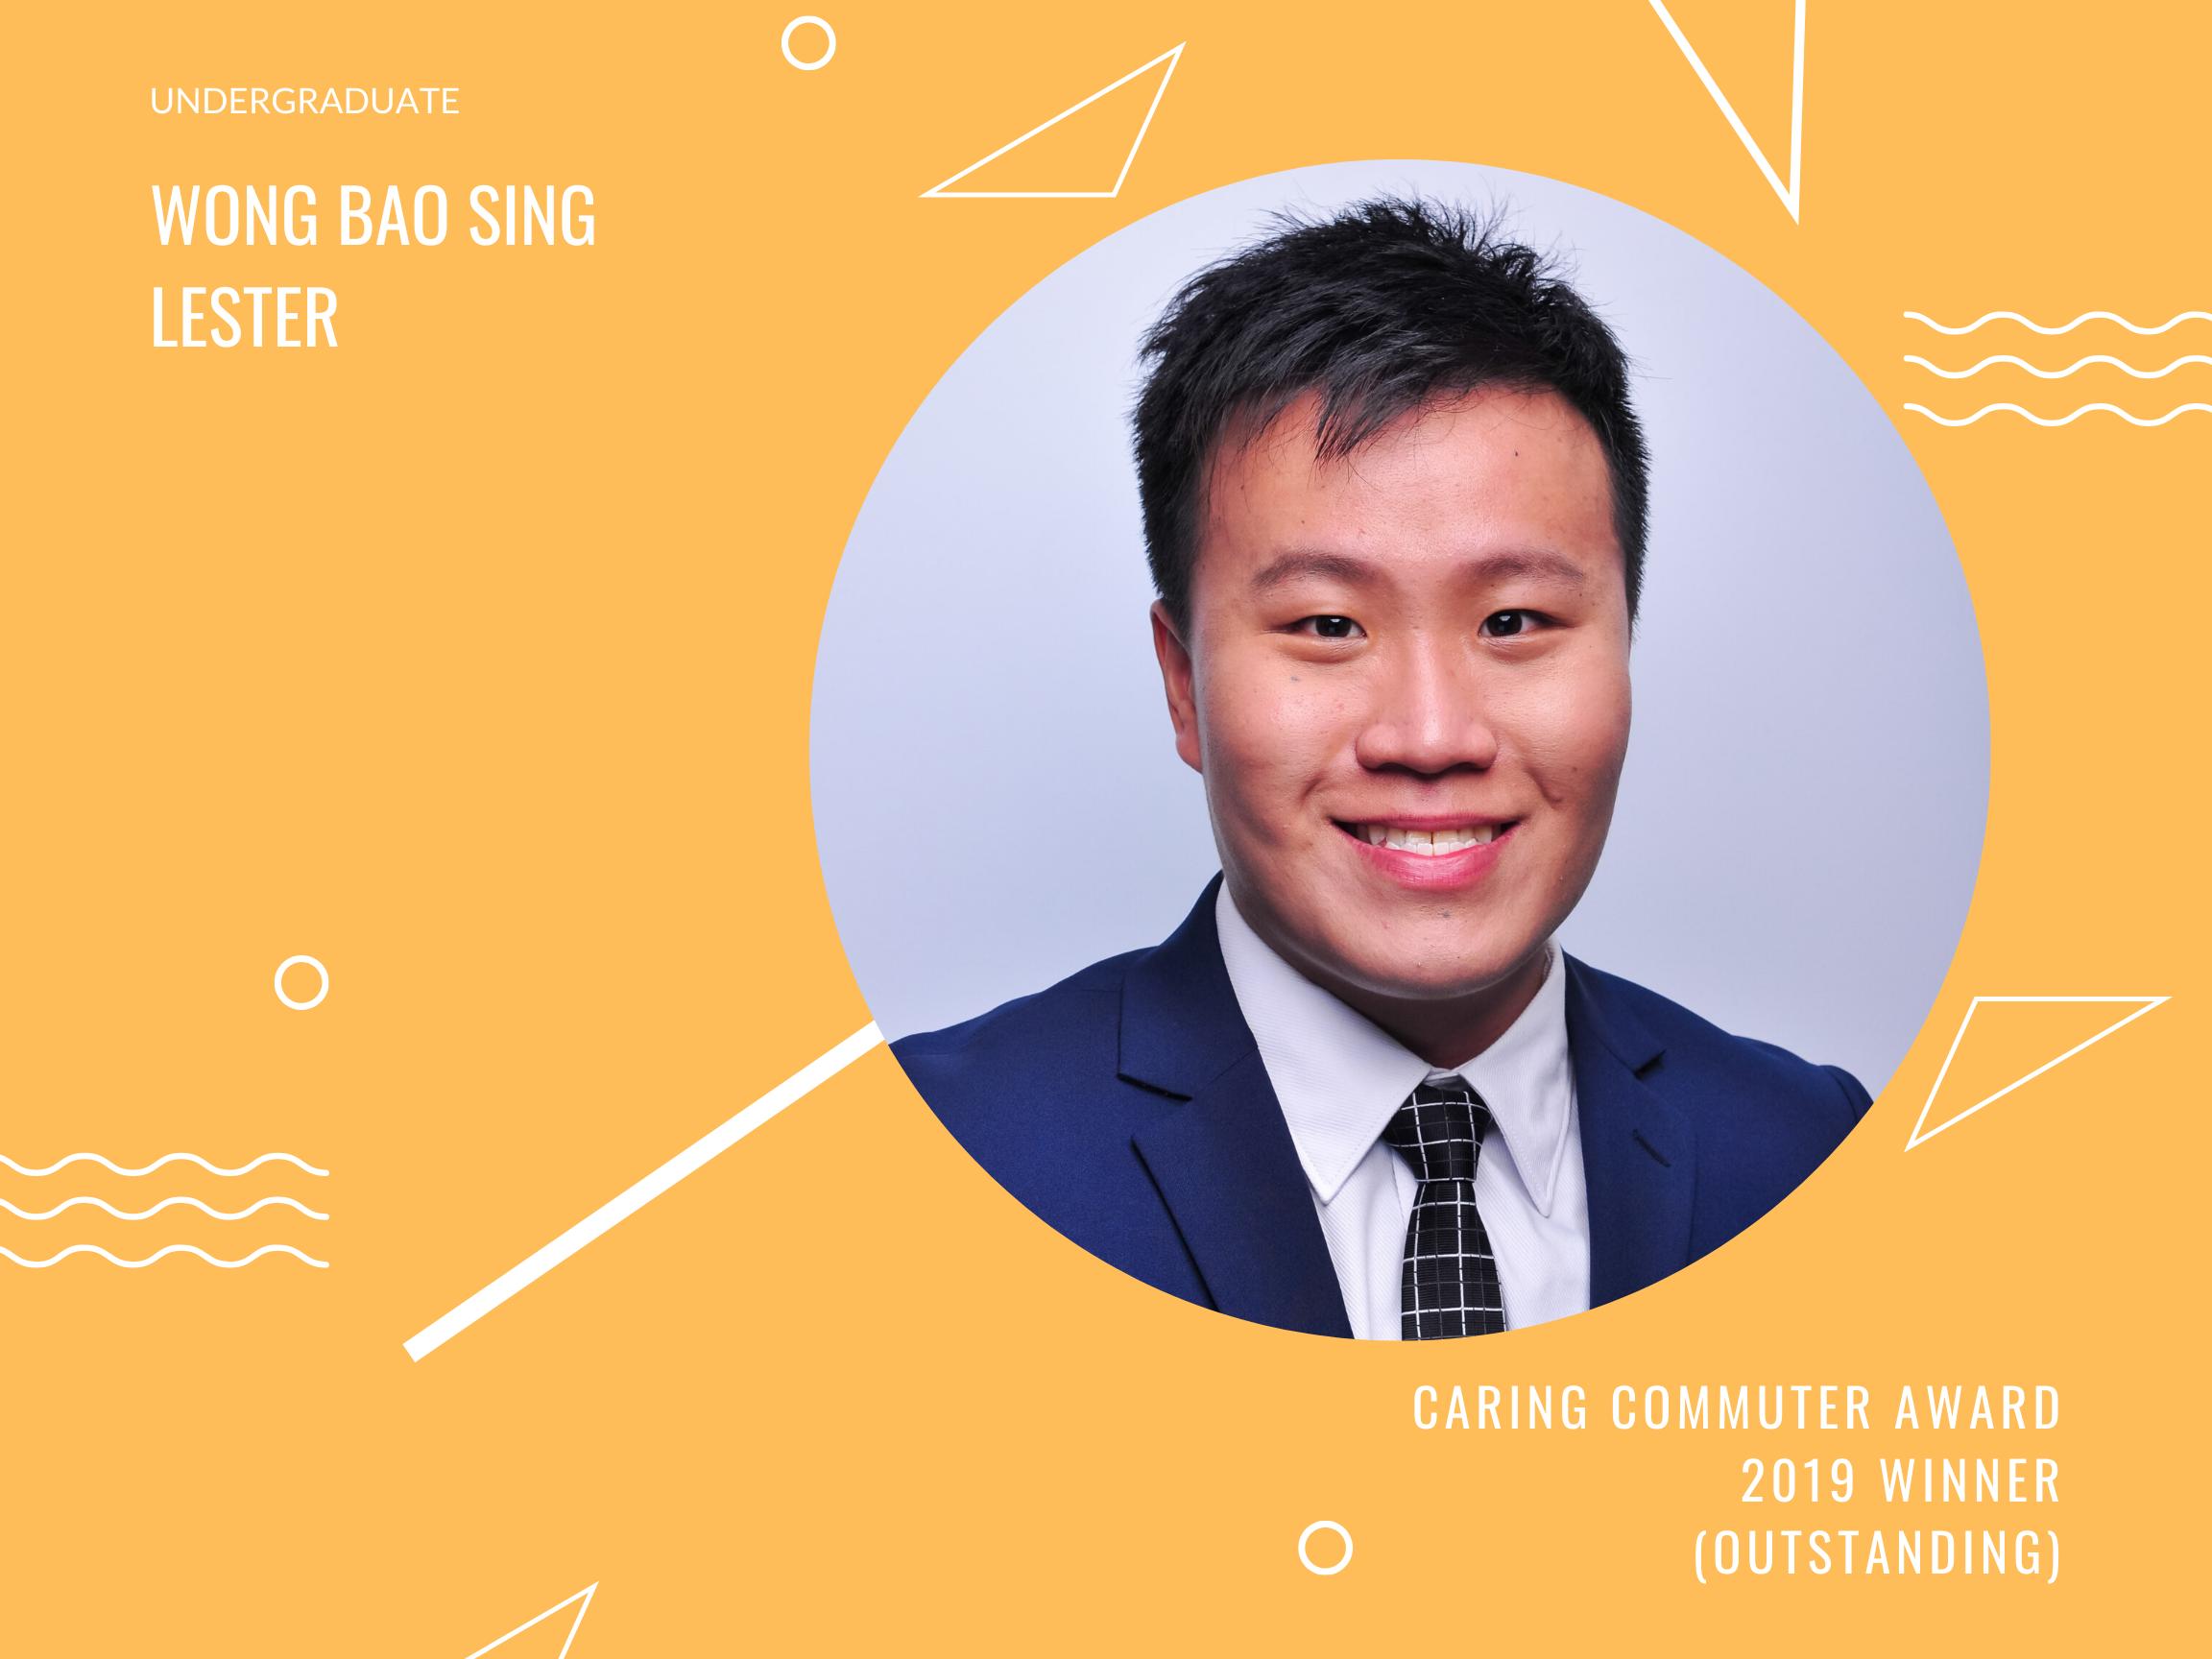 Meet Lester Wong, Undergraduate and Caring Commuter Award 2019 Outstanding Winner